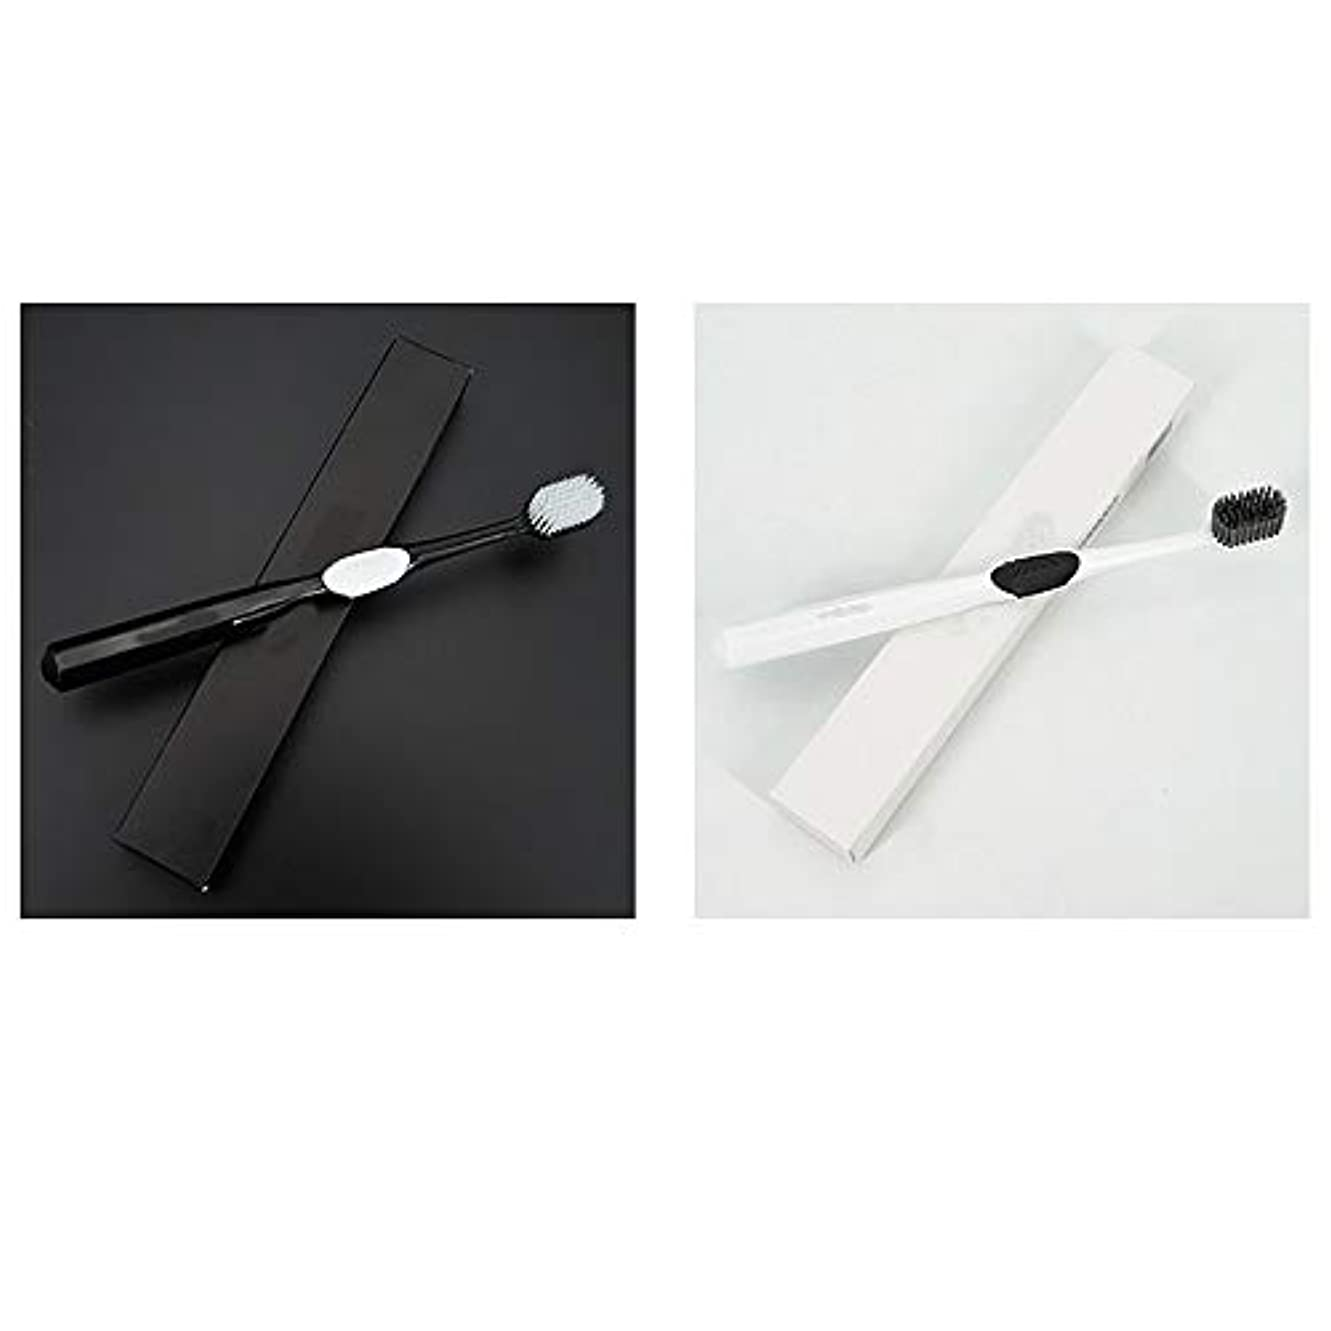 乱用より平らな補助歯ブラシ 4本の歯ブラシ、ナノ柔らかい歯ブラシ、大人バルク歯ブラシ、活性炭歯ホワイトニング HL (サイズ : 4 packs)